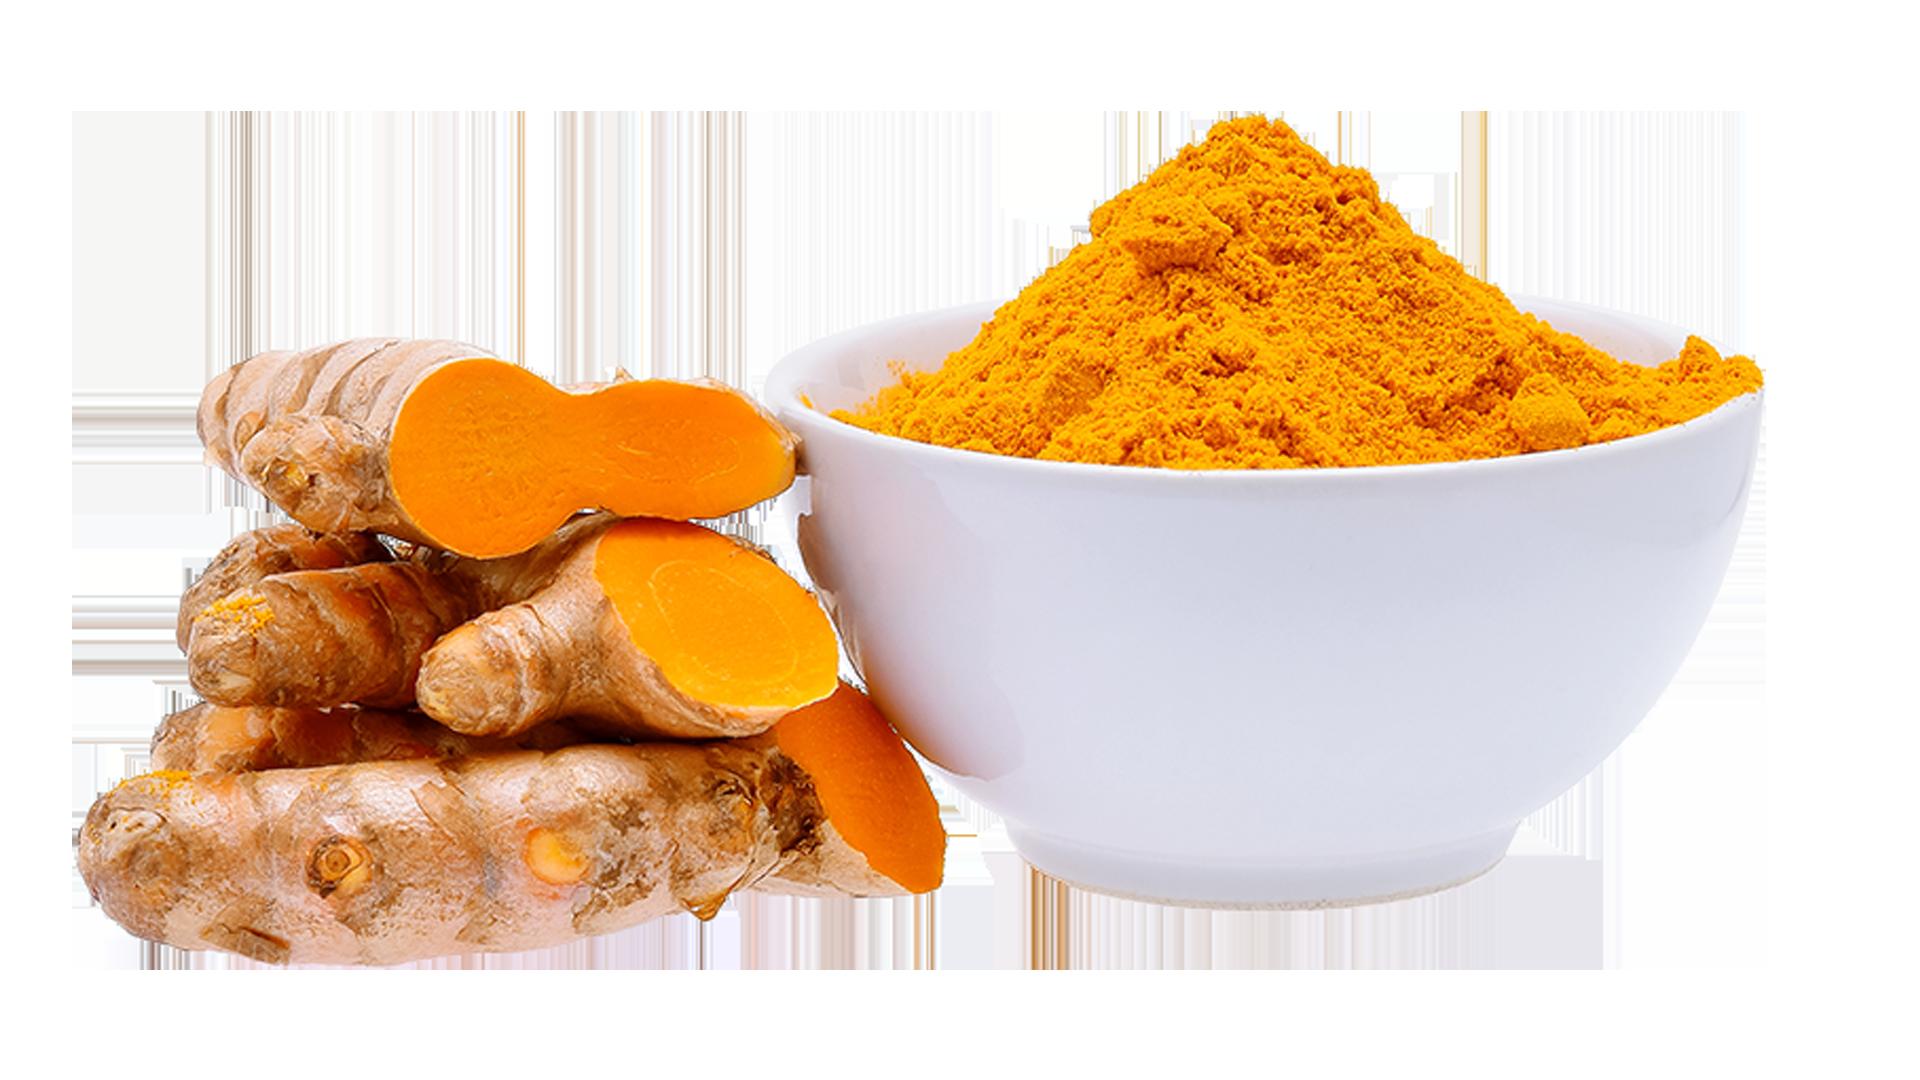 kisspng-turmeric-curcumin-indian-cuisine-health-recipe-turmaric-5b1522b27d7c08.424985511528111794514